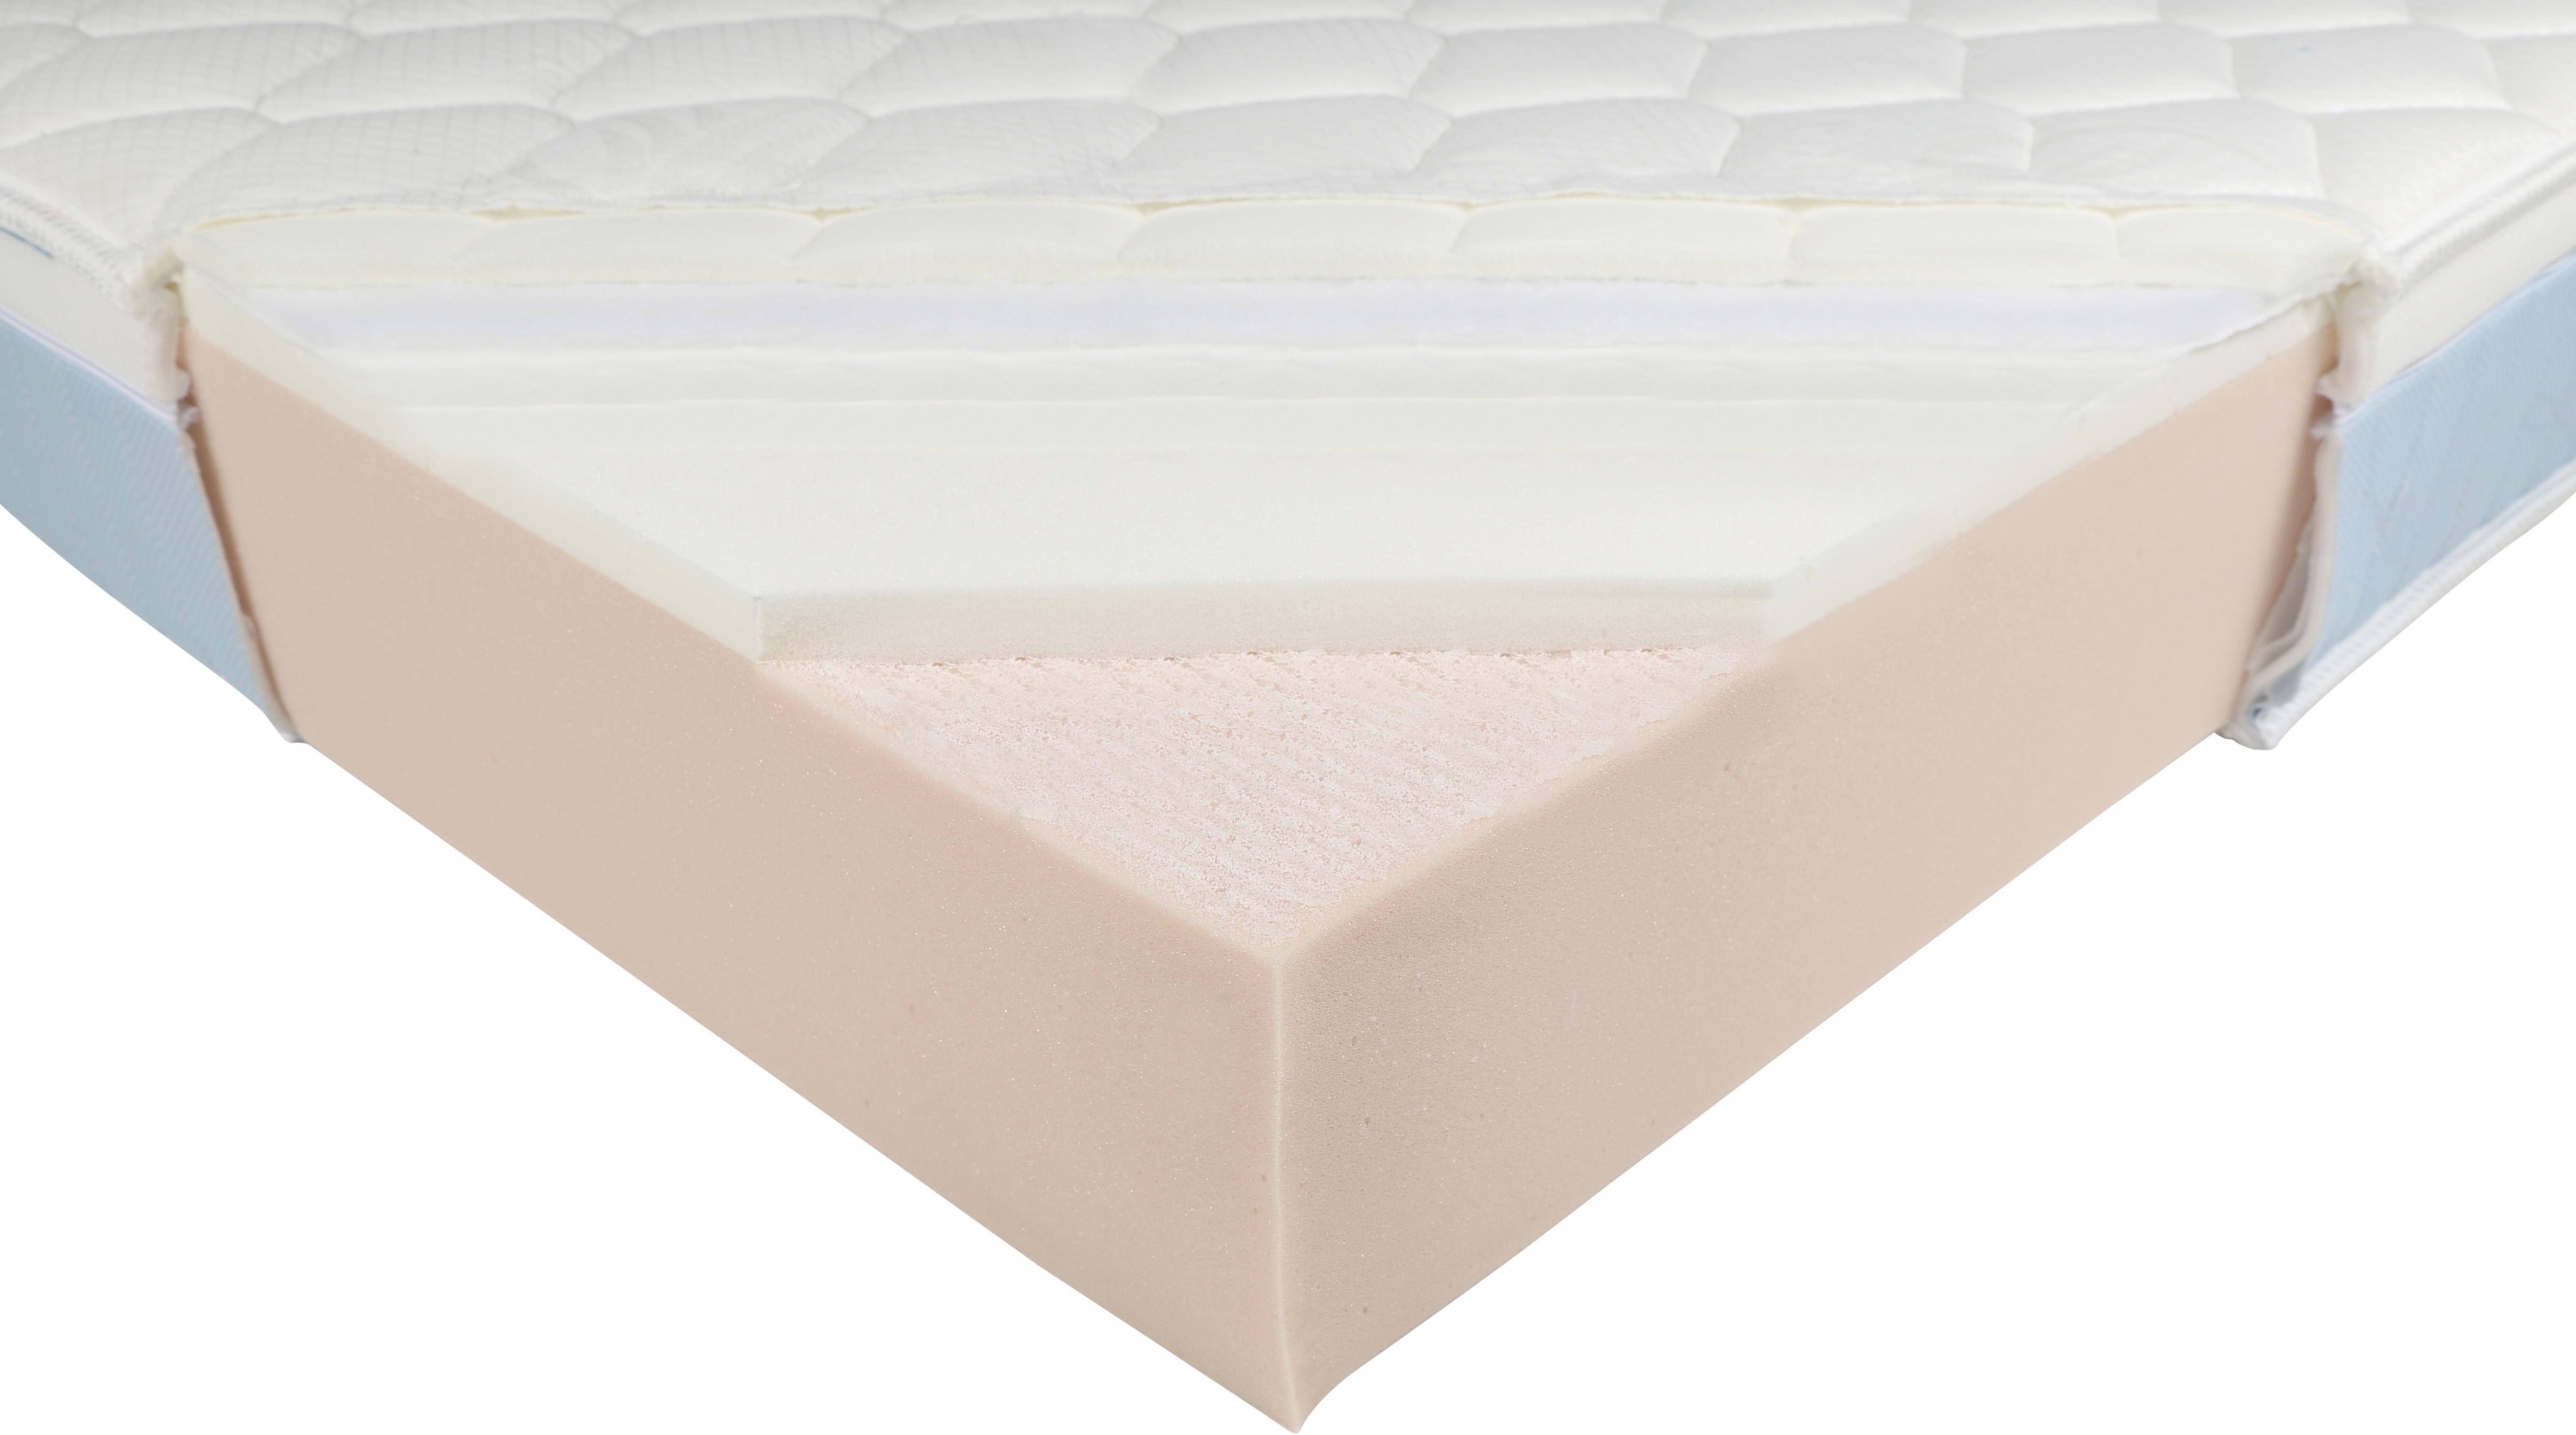 Materassi Opinioni Altroconsumo.Test E Recensione Dormir Comfort Superior Altroconsumo